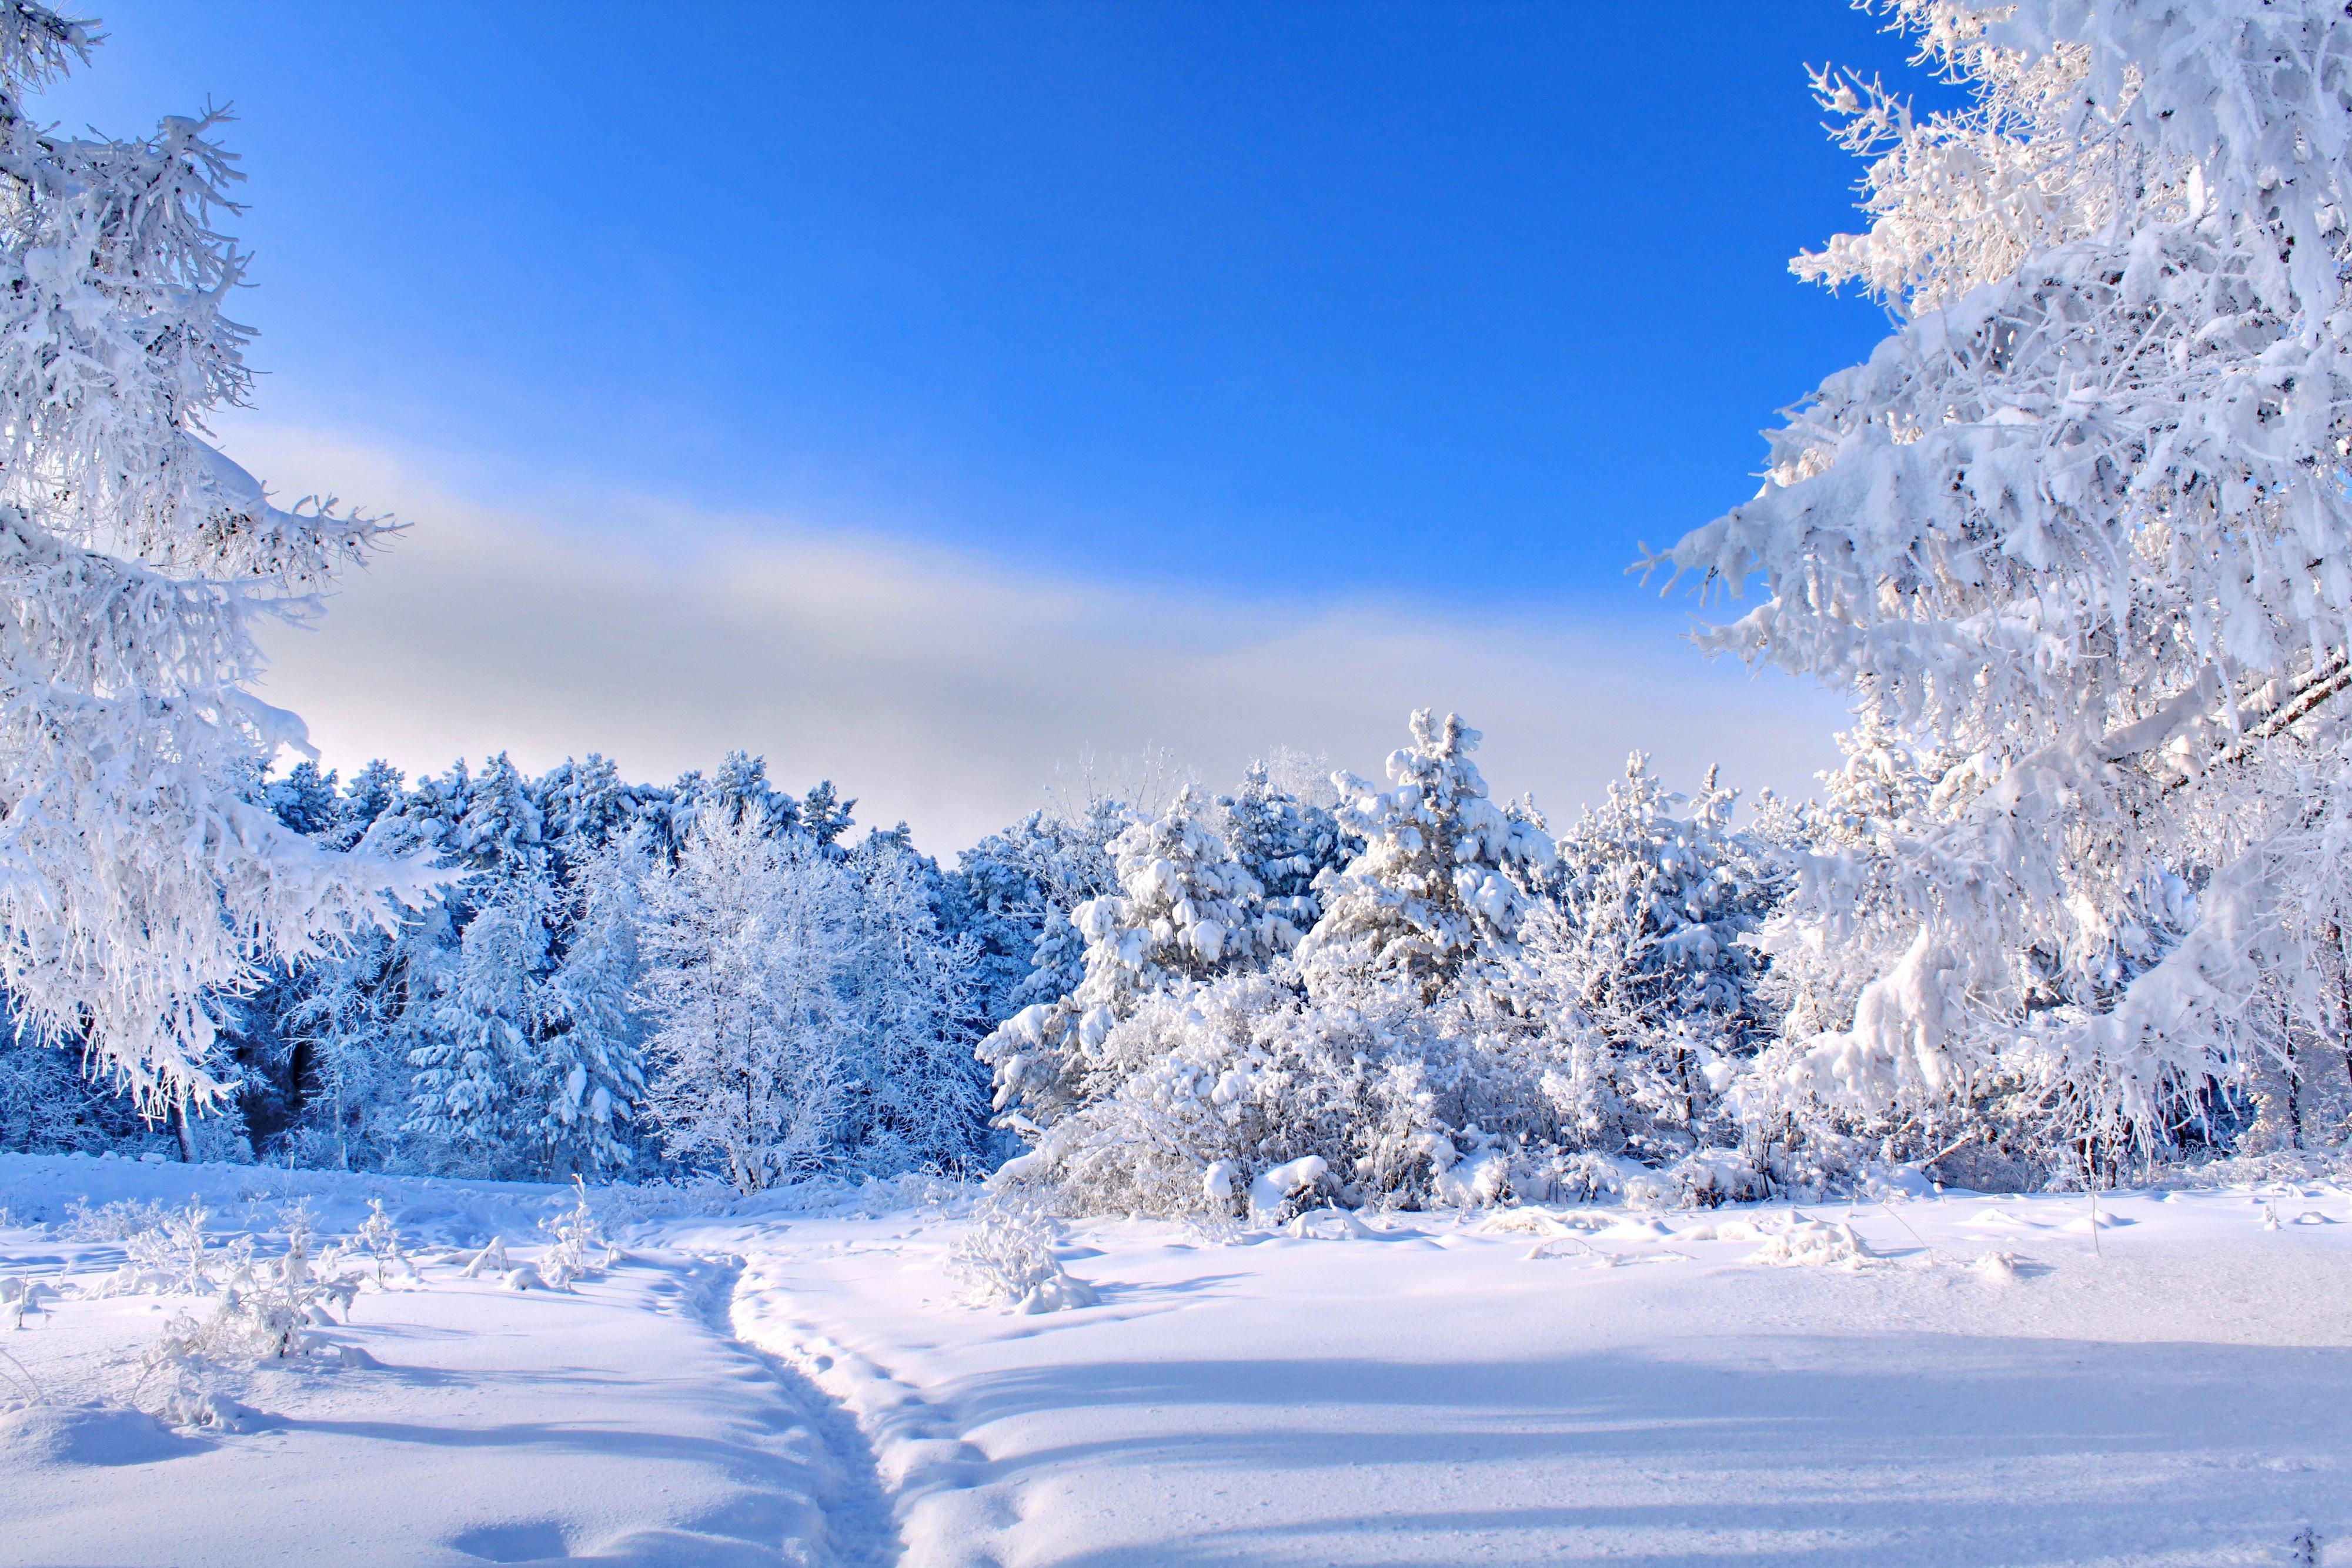 зимний солнечный лес  № 310355 без смс